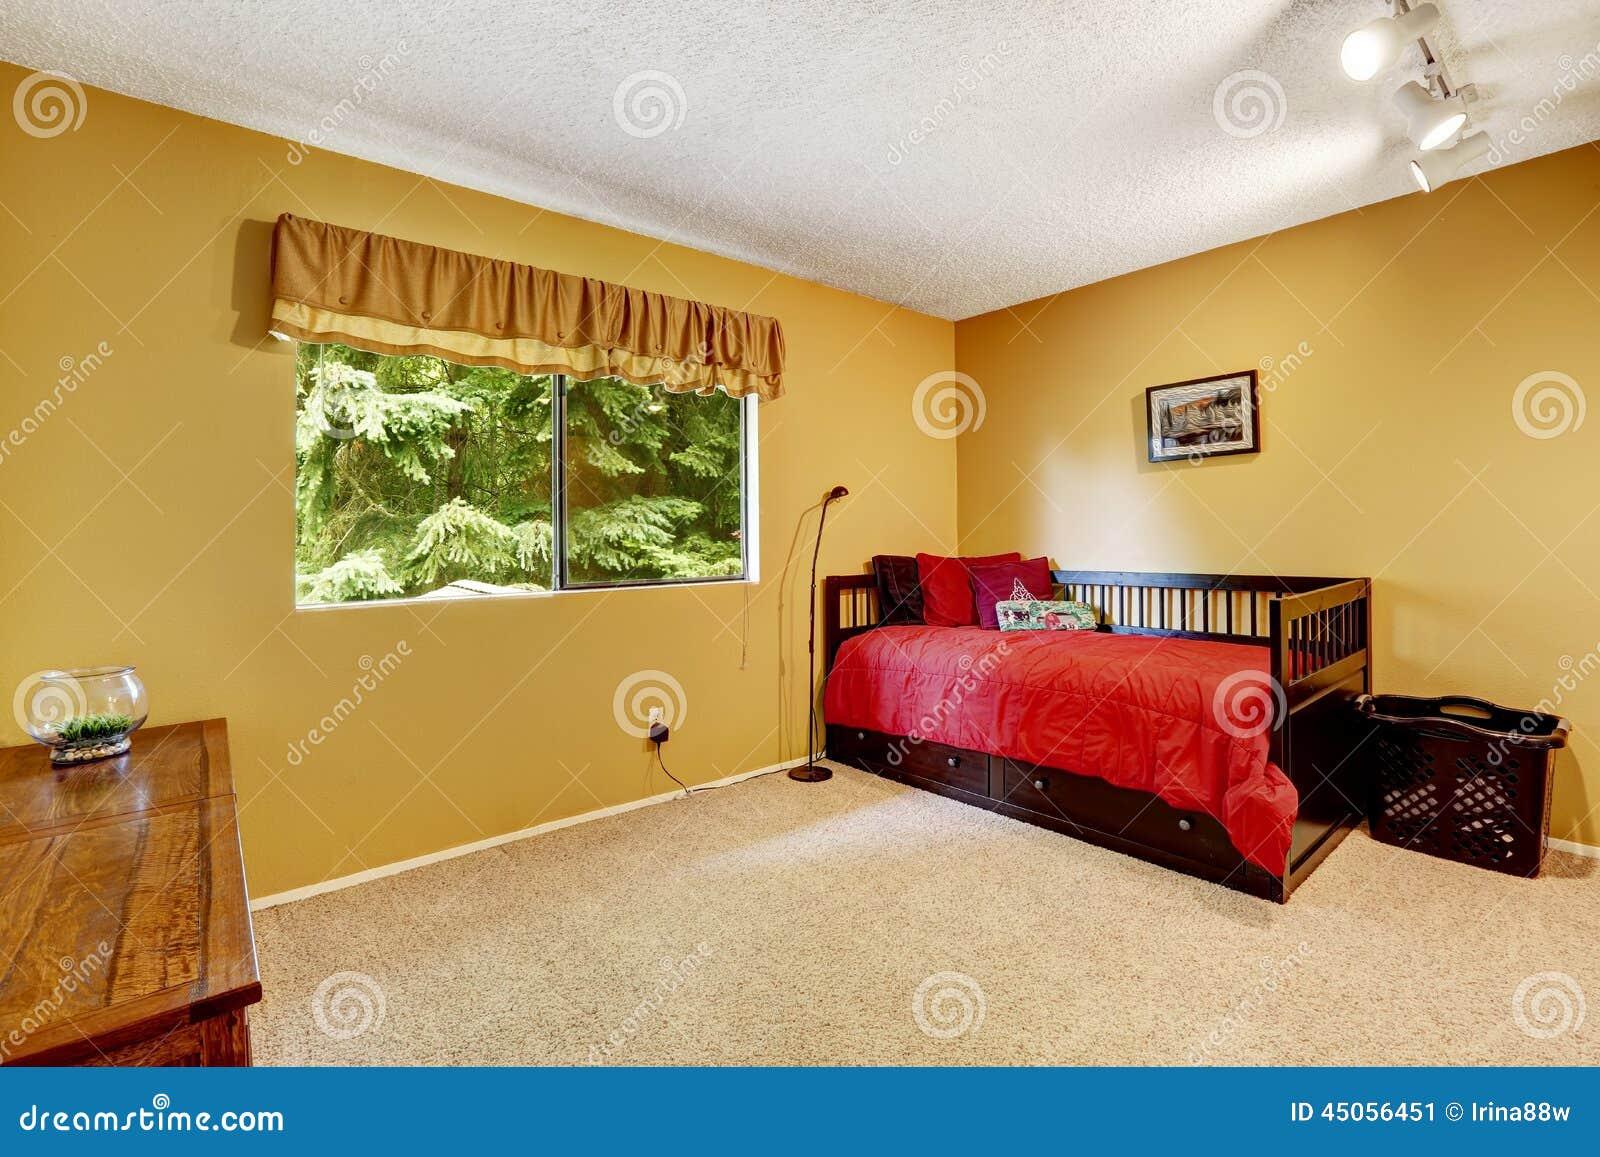 Slaapkamer Rood Zwart : Heldere gele slaapkamer met zwart houten bed stock afbeelding